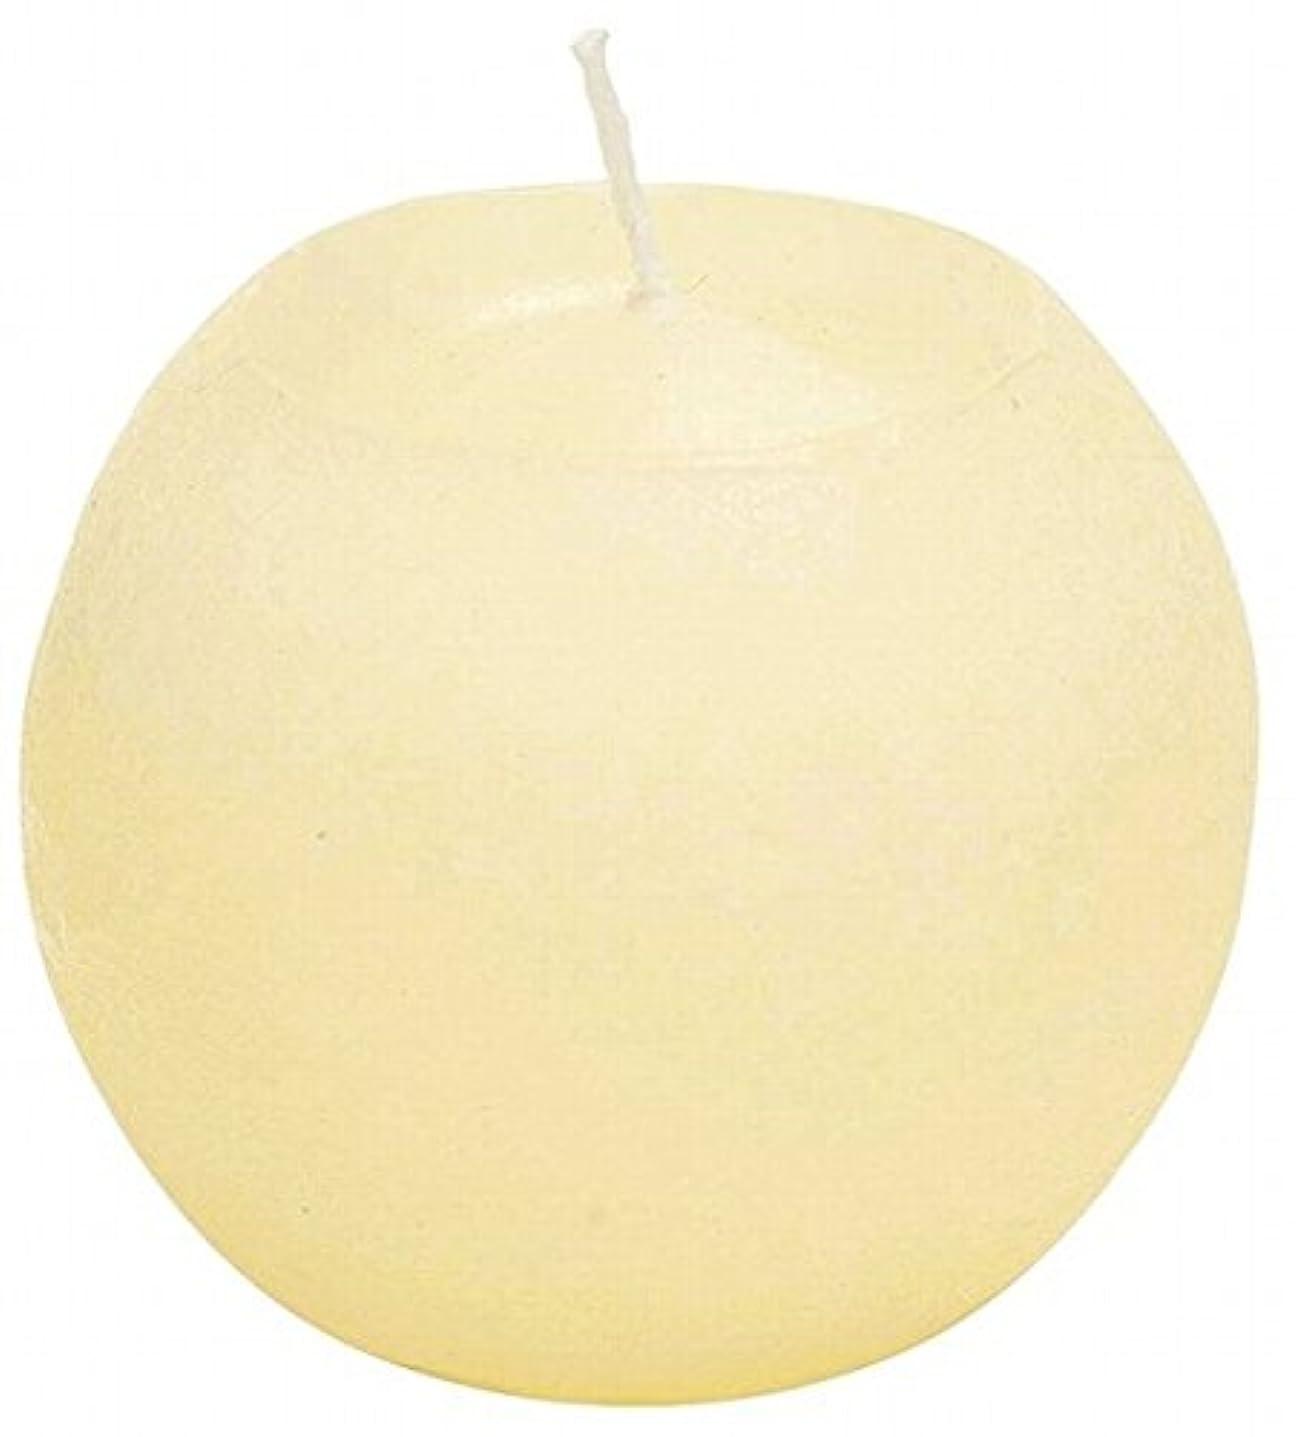 しなやかな傘仕出しますヤンキーキャンドル( YANKEE CANDLE ) ラスティクボール100 「 アイボリー 」